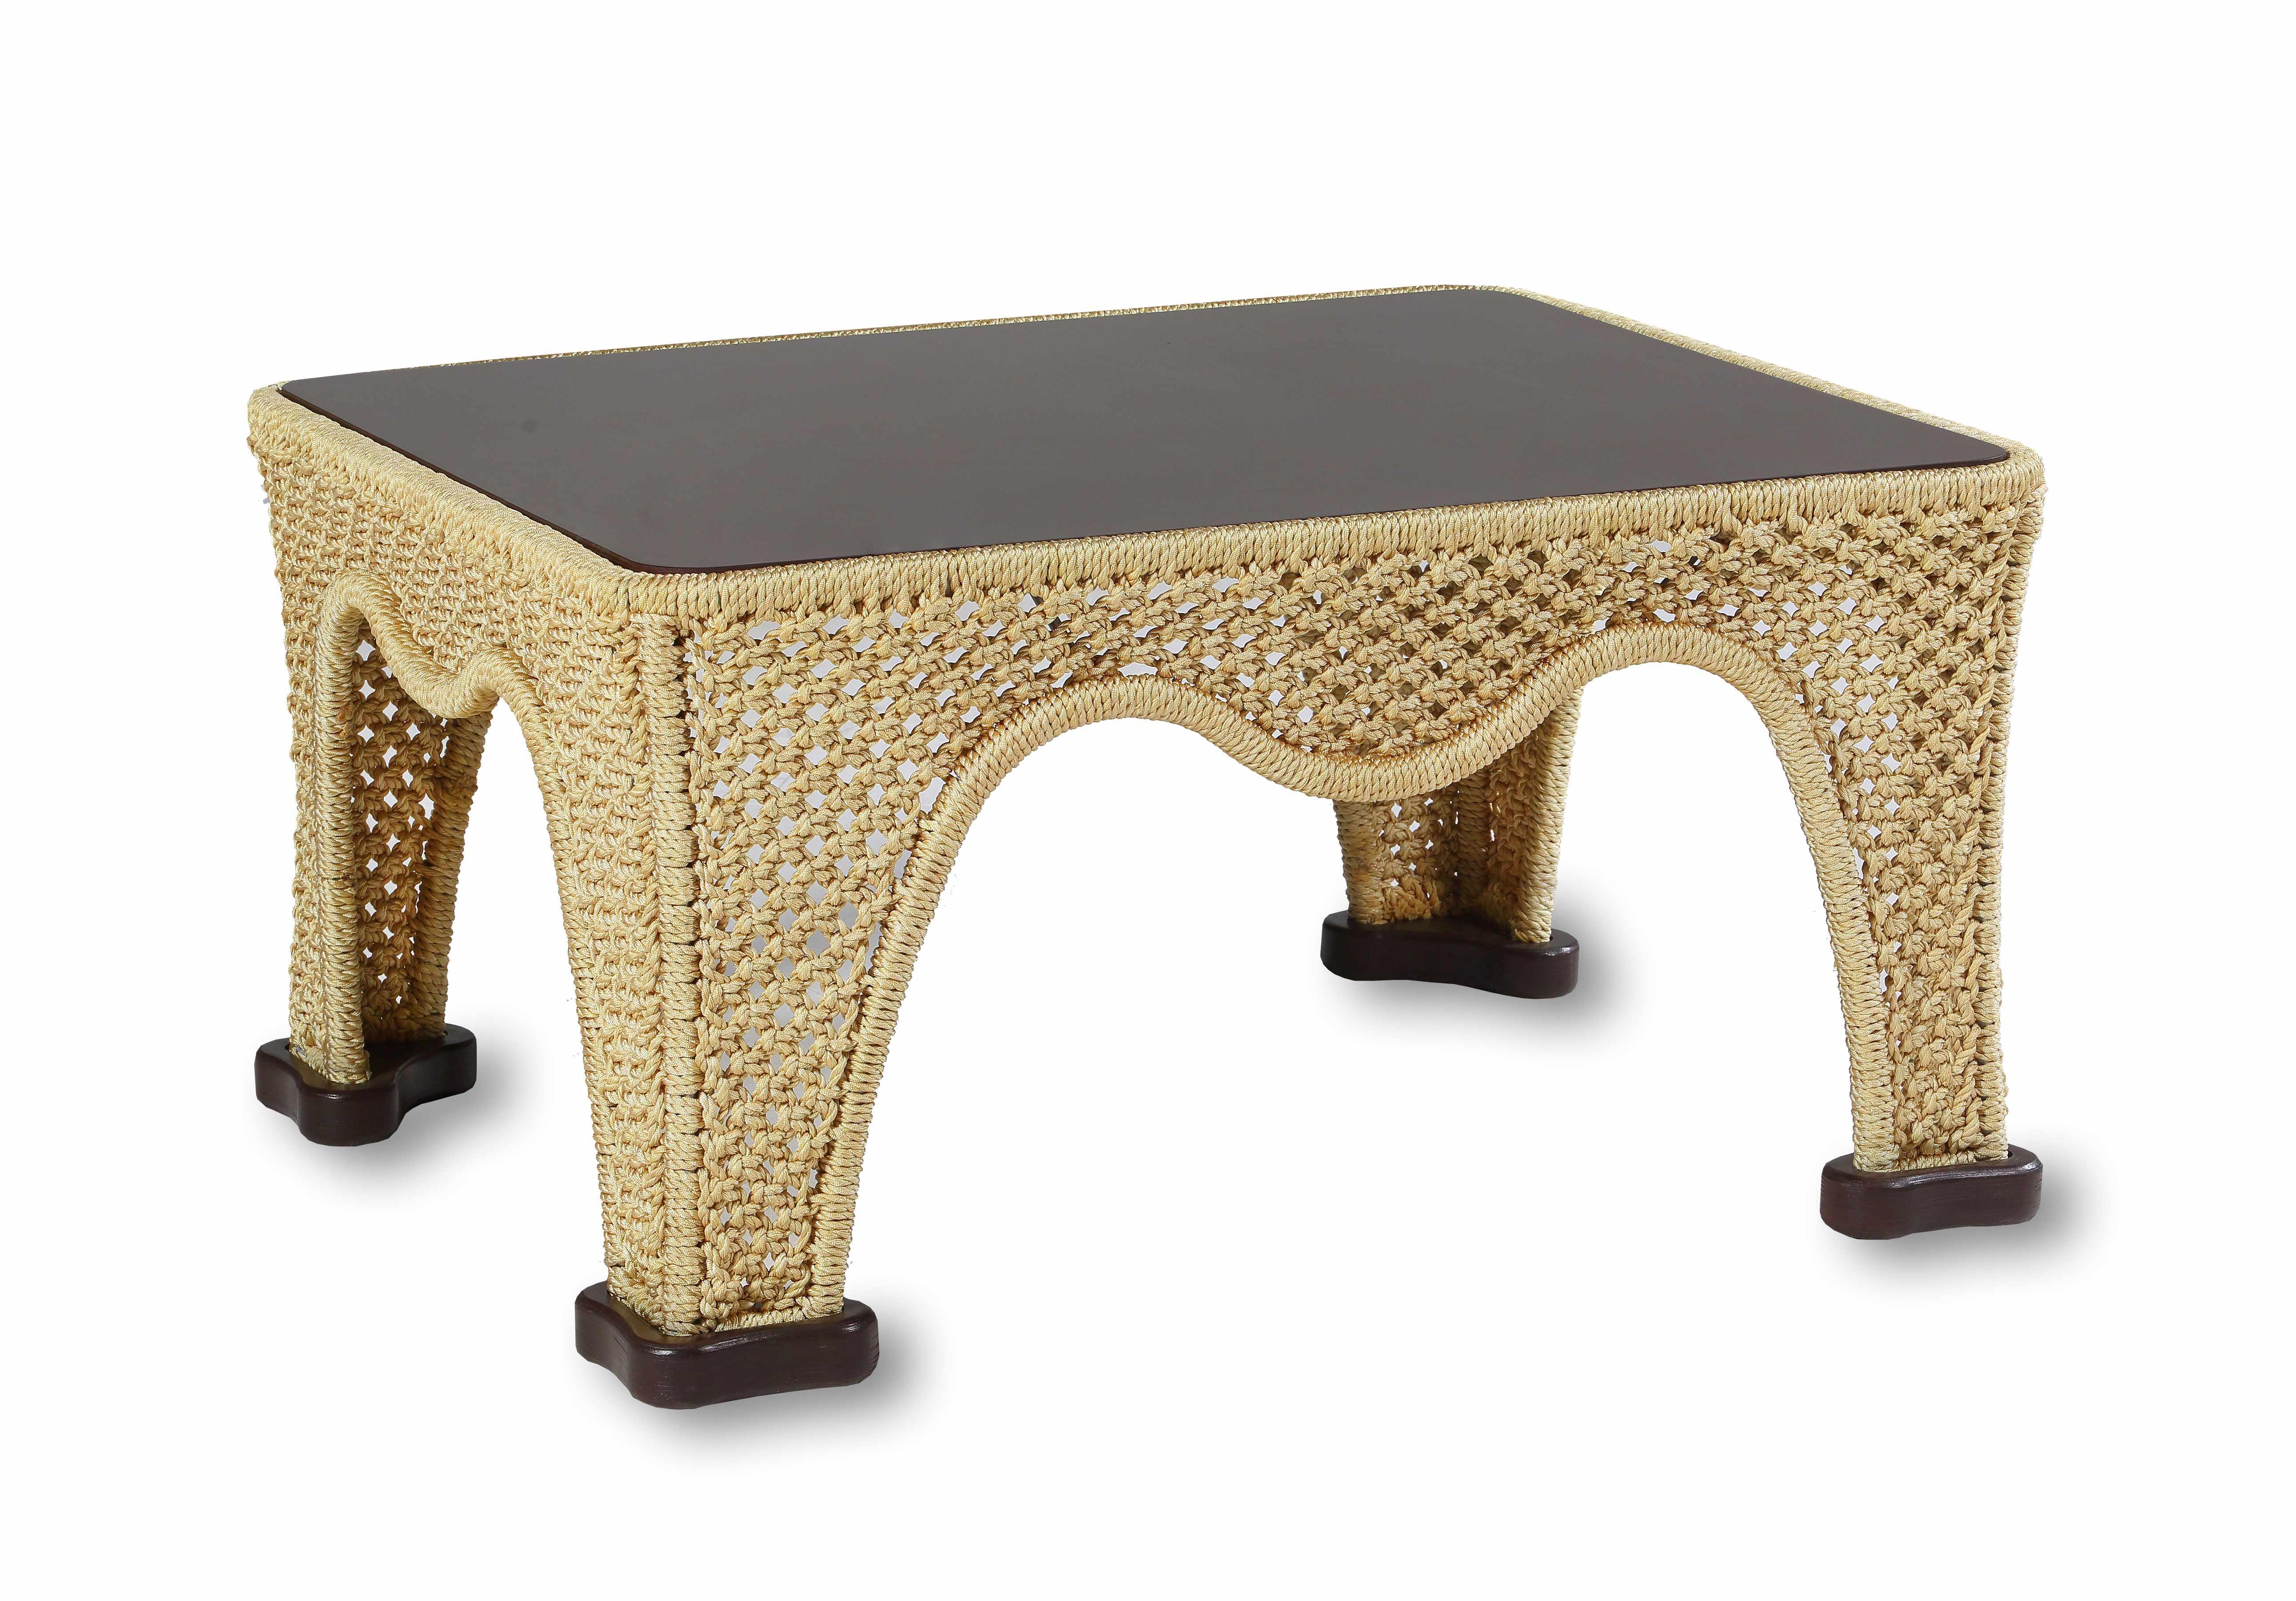 Стол КомфортСтолы и столики для сада<br>Металлический каркас, ручное плетение из полиамидной нити, деревянный обклад.<br><br>Material: Текстиль<br>Ширина см: 100<br>Высота см: 55<br>Глубина см: 85